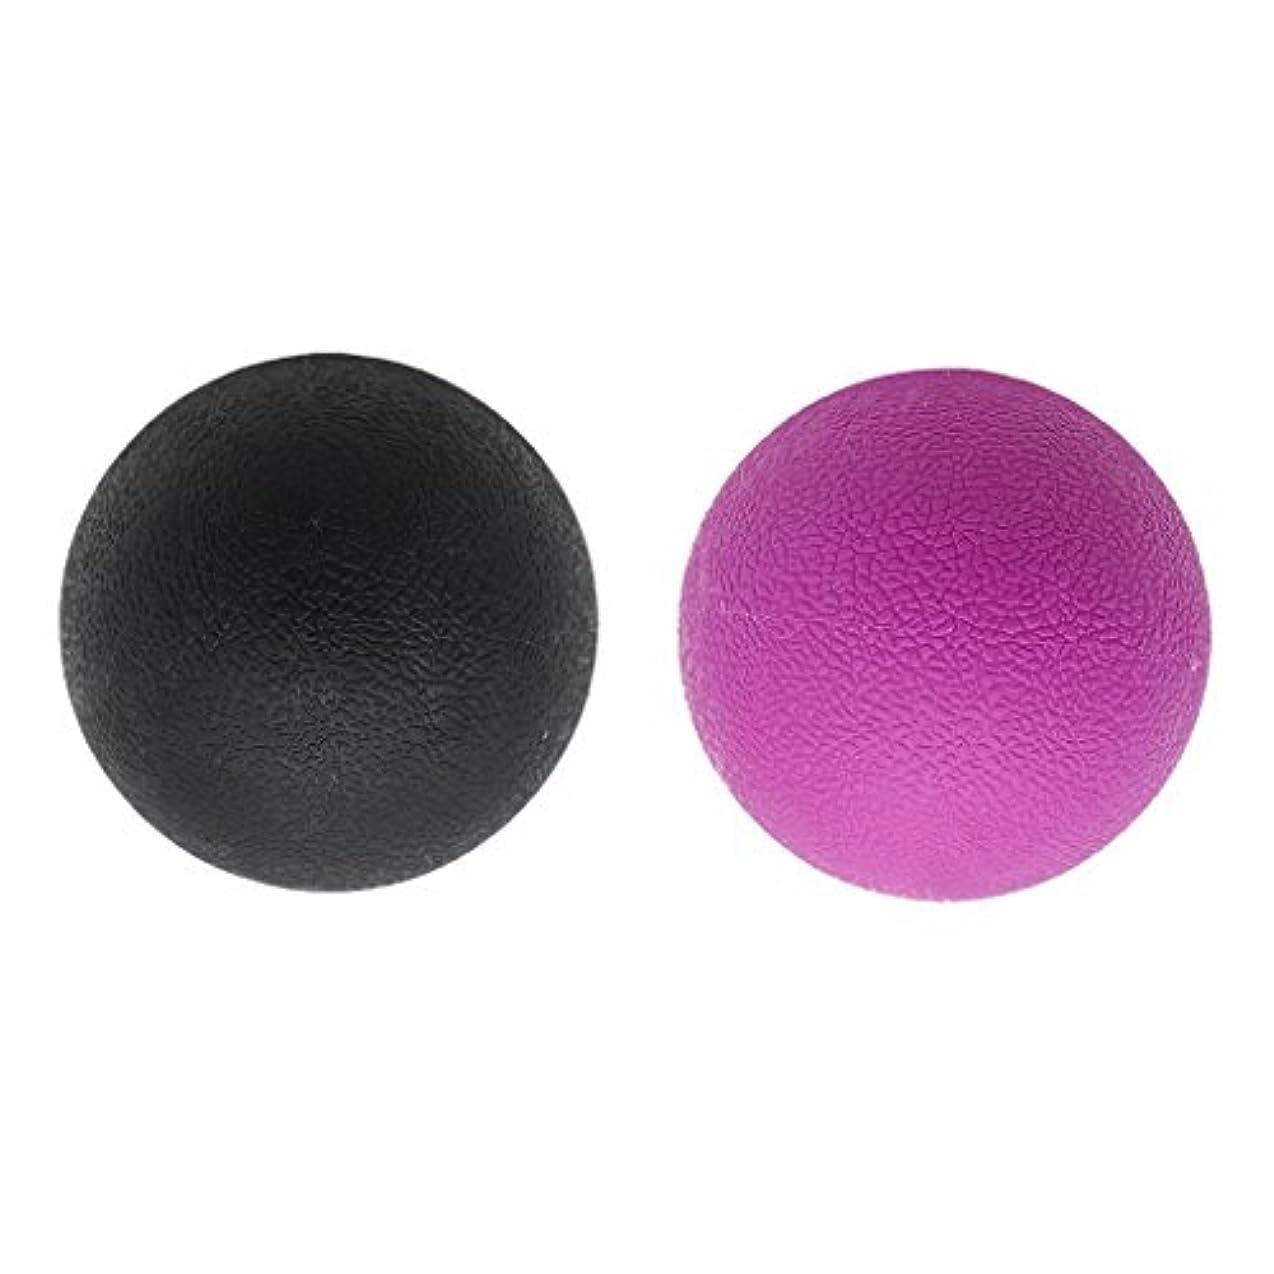 レビューパスタ説明する2個 マッサージボール ラクロスボール トリガ ポイントマッサージ 弾性TPE 多色選べる - ブラックパープル